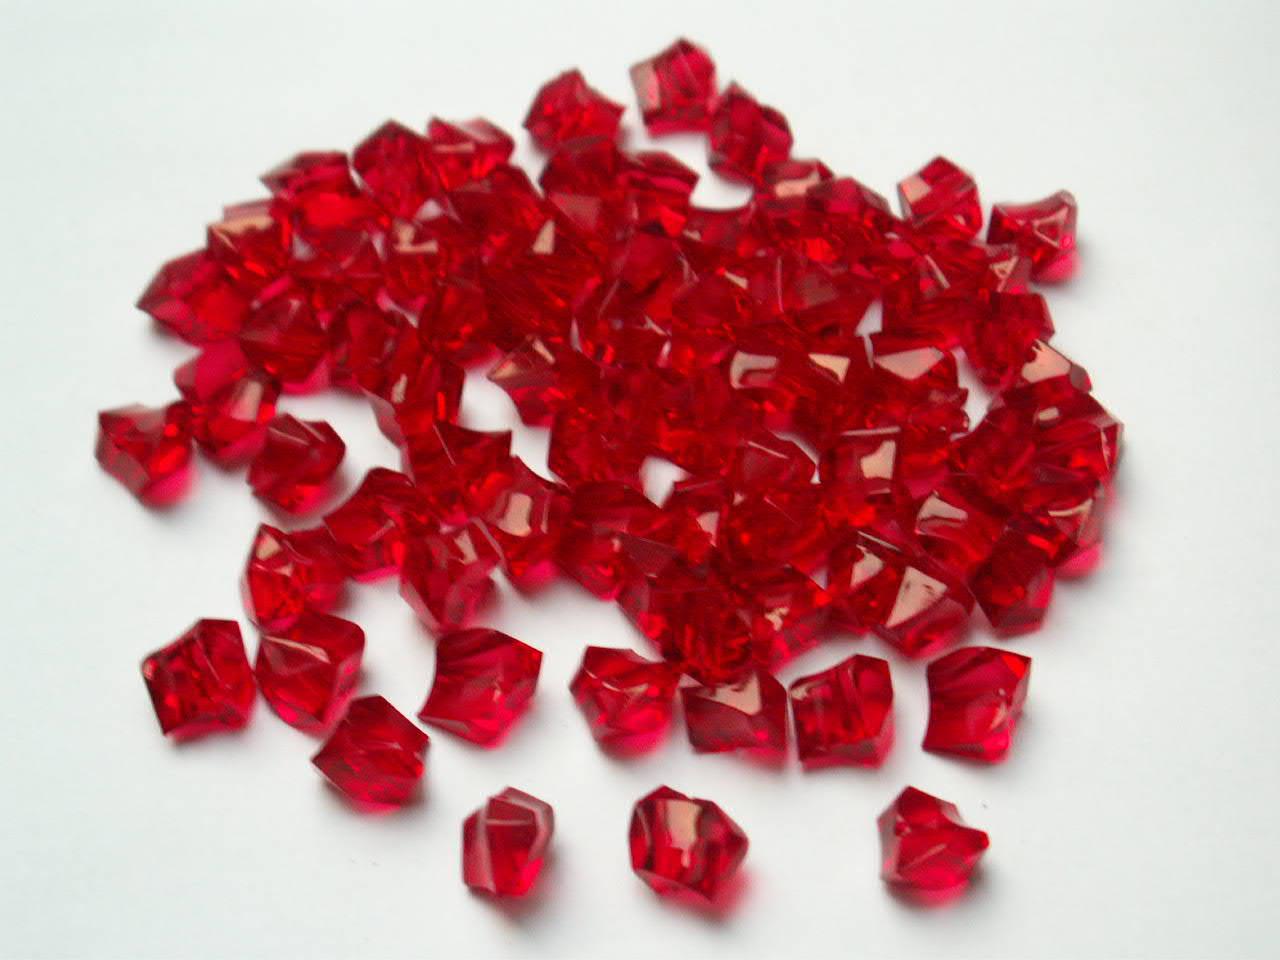 Malé dekorační barevné plastové kamínky / korálky - balení cca 92 kusů. Různobarevné plastové korálky ve tvaru kamínků lze použít k dekoracím a aranžování. Navíc mají v sobě otvor, takže je můžete i navlékat na šňůrku a tvořit nejrůznější šperky.